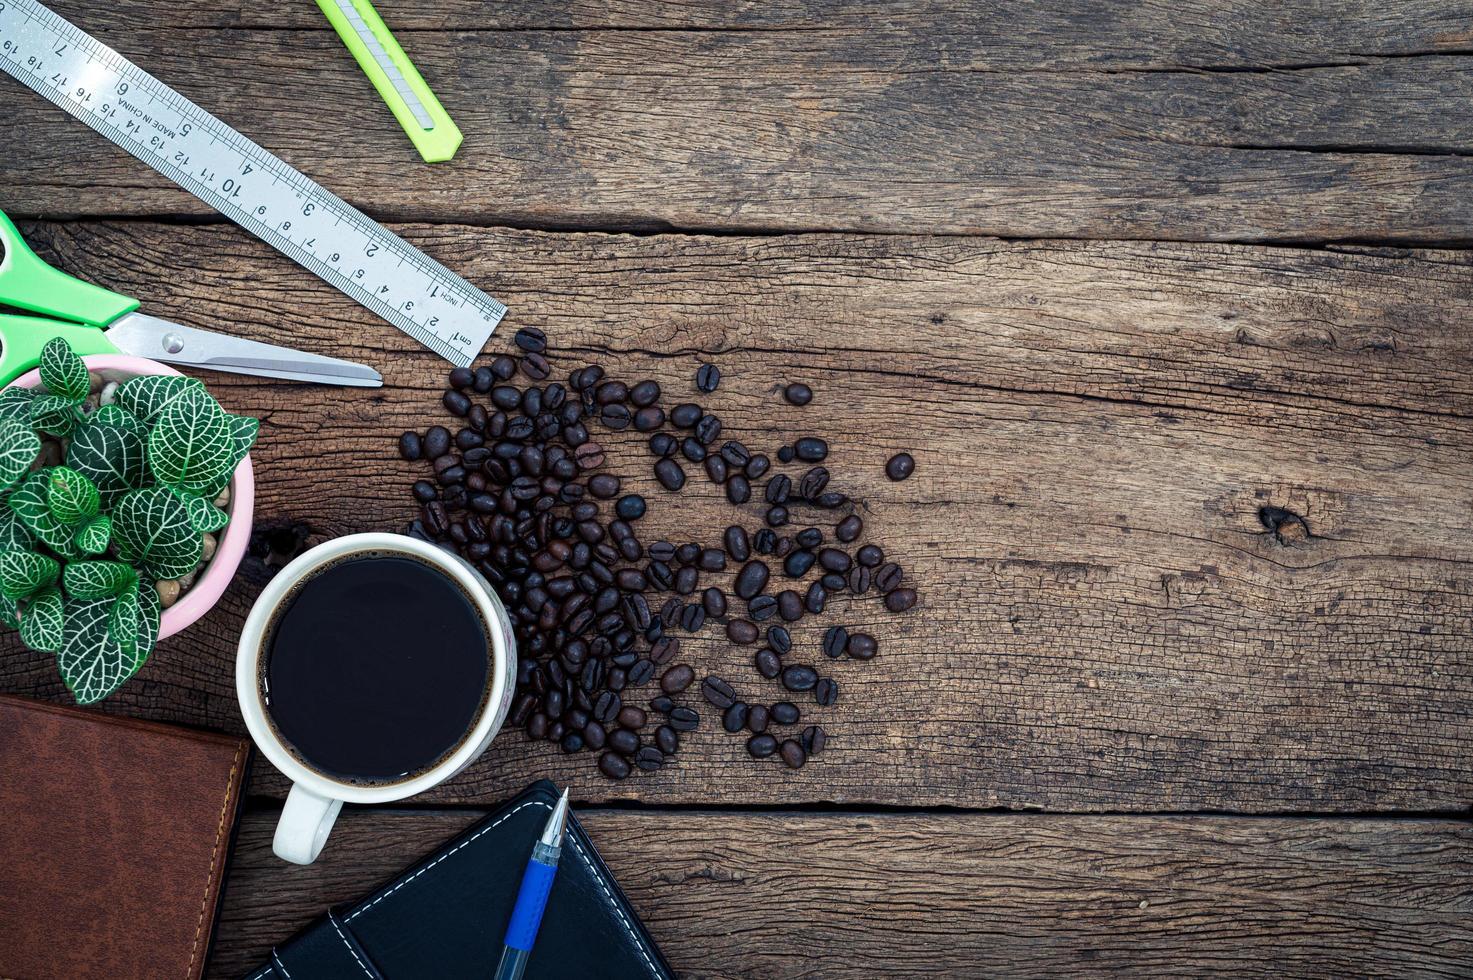 kaffemugg och brevpapper på skrivbordet foto